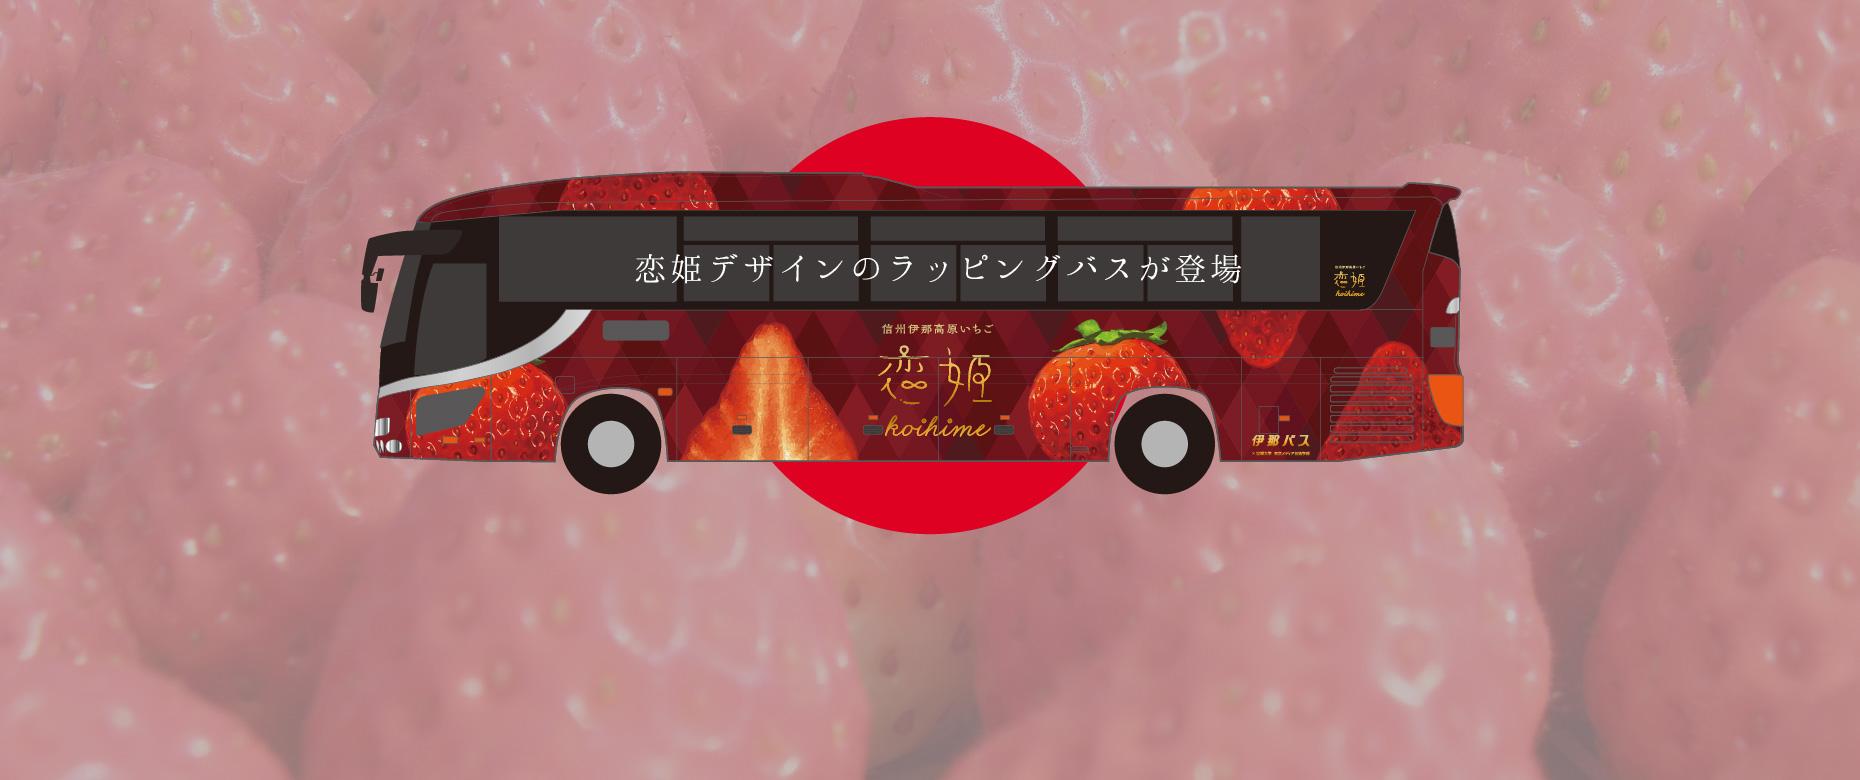 恋姫デザインのラッピングバスが登場